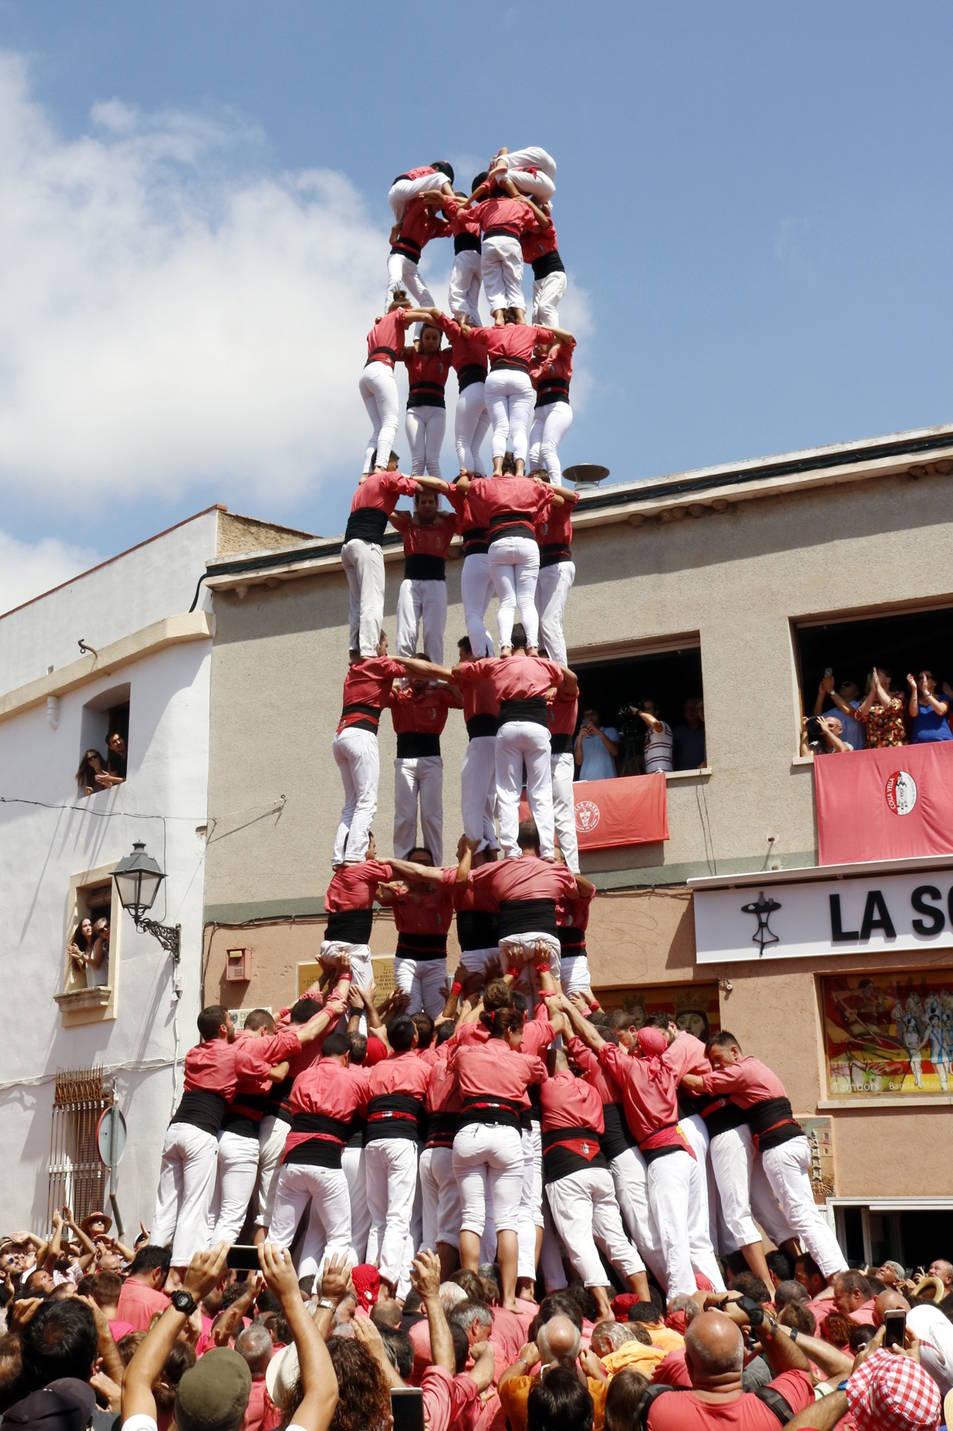 5de9 amb folre de la Colla Vella dels Xiquets de Valls a la Bisbal del Penedès.